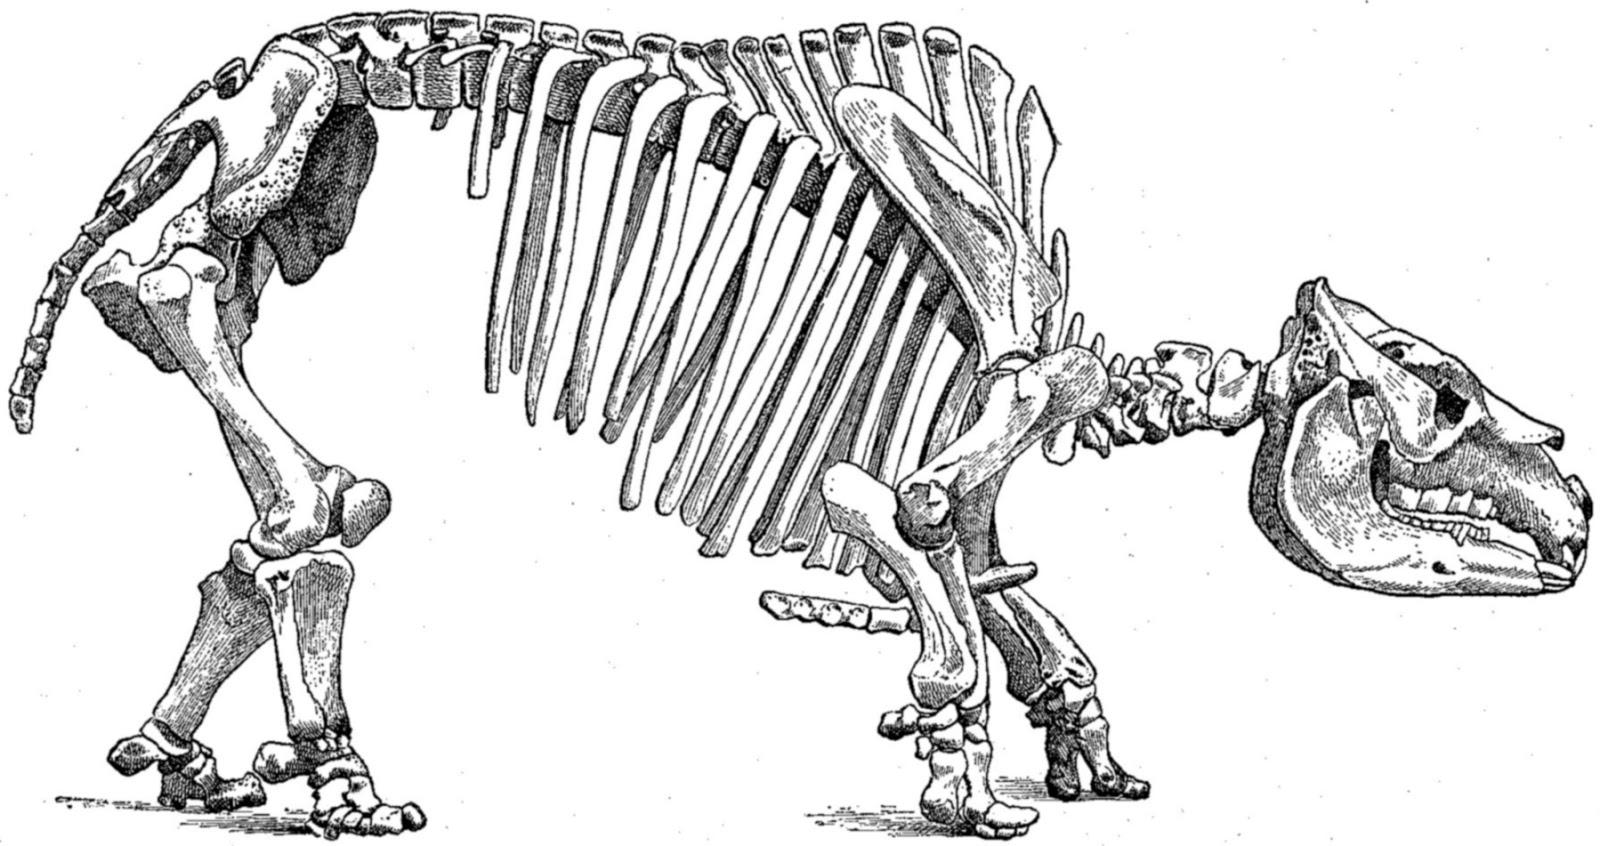 Evolutiebiologie: Die lastige Zuid-Amerikaanse hoefdieren